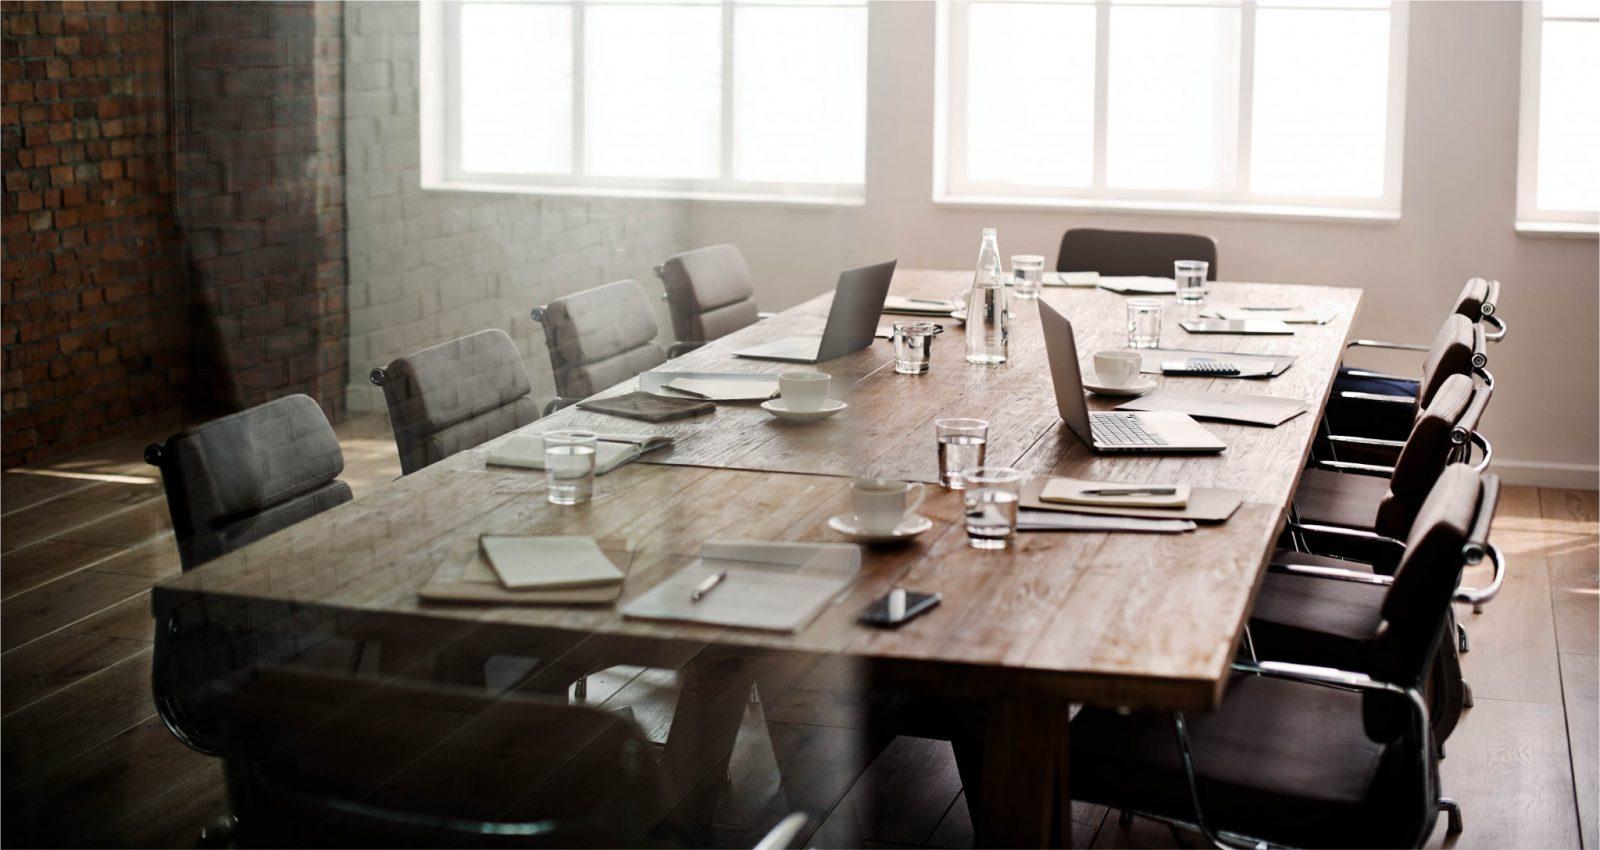 kokouspöytä varusteineen